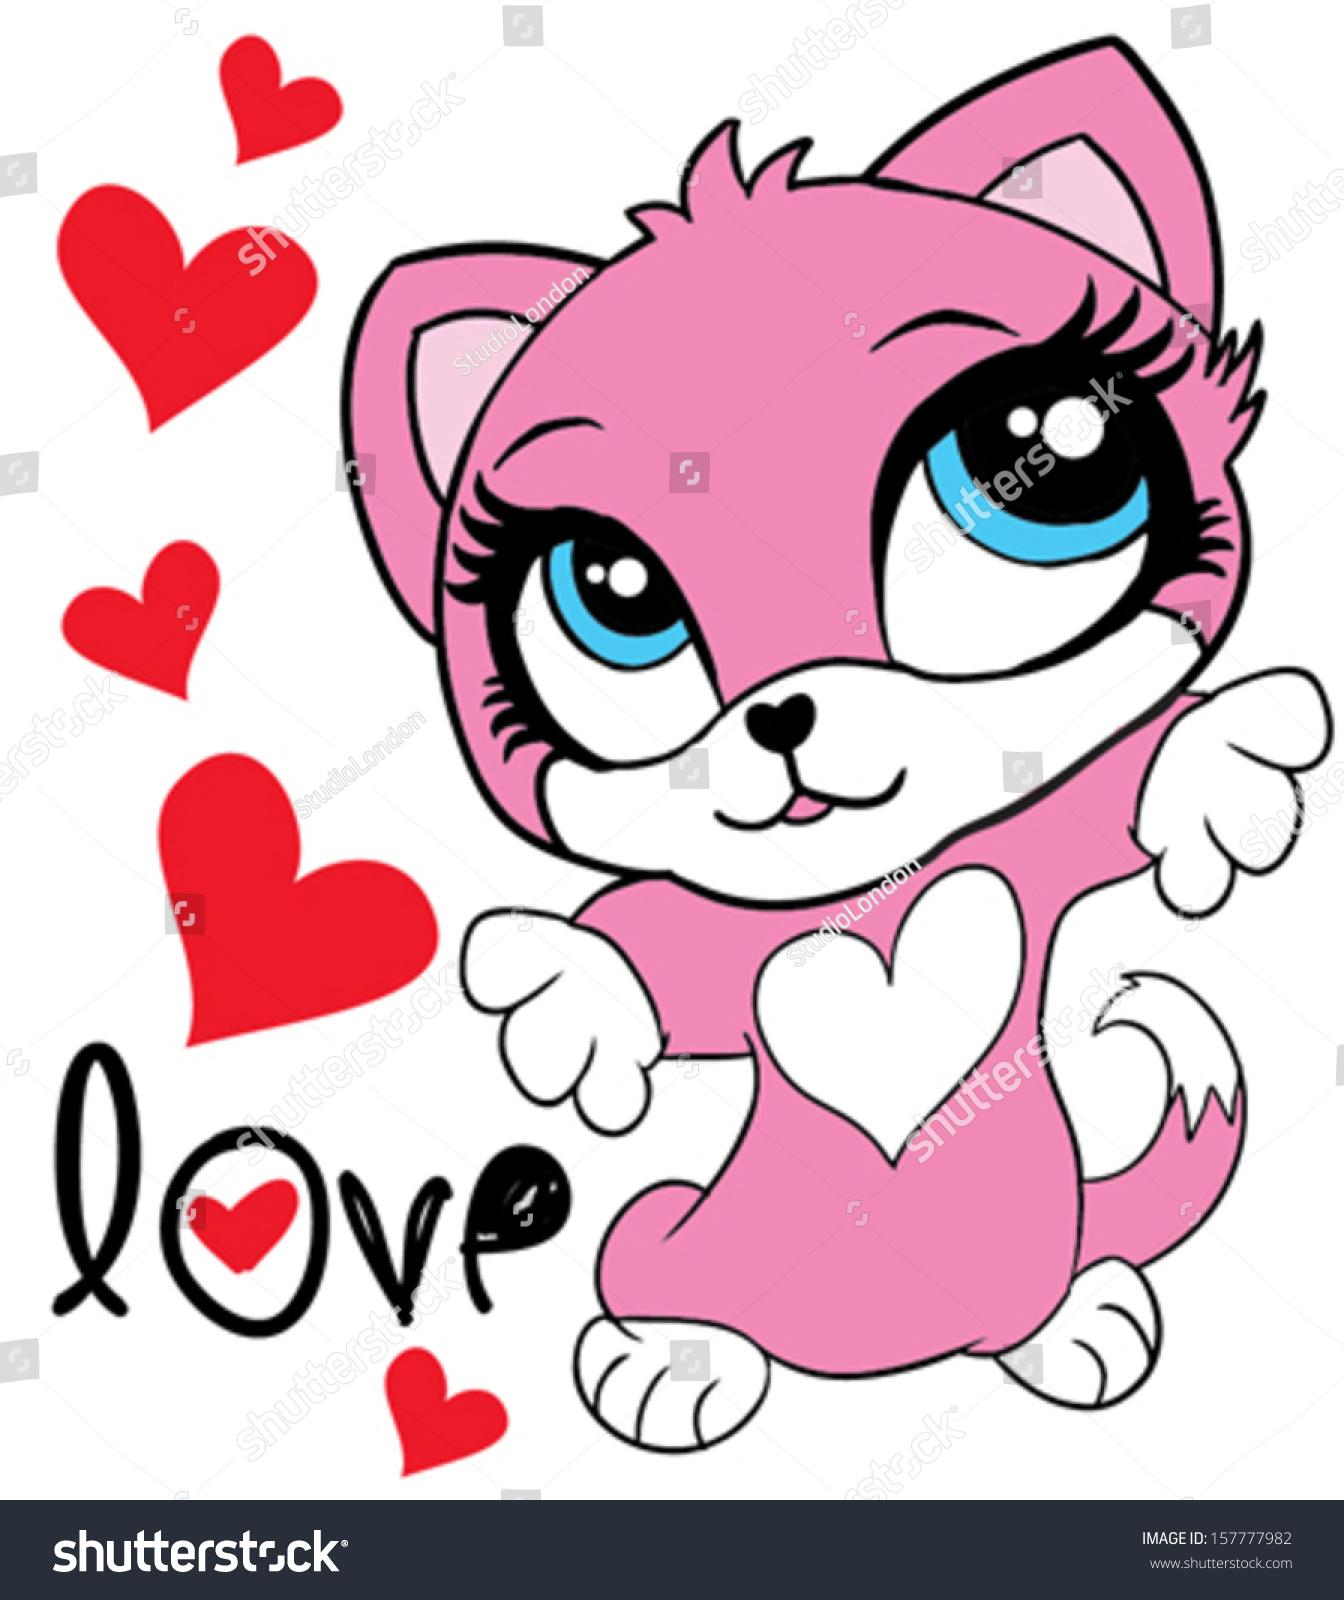 Cute Cartoon Character Design : Cute cat t shirt graphics cartoon characters